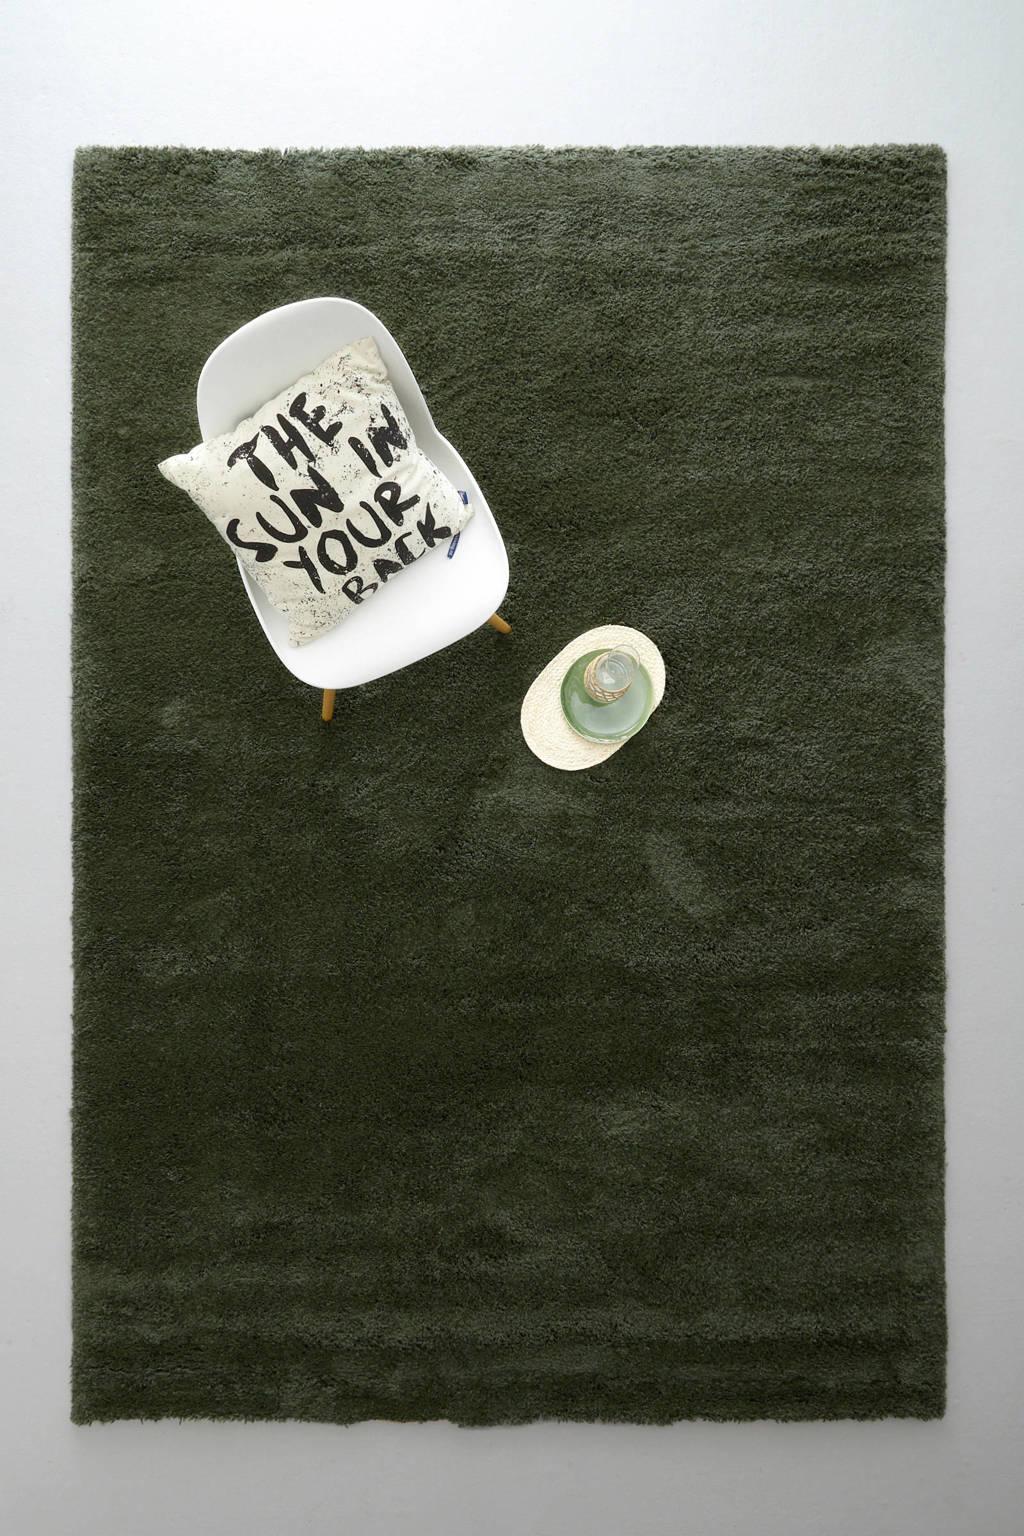 whkmp's own vloerkleed  (290x200 cm), Donkergroen